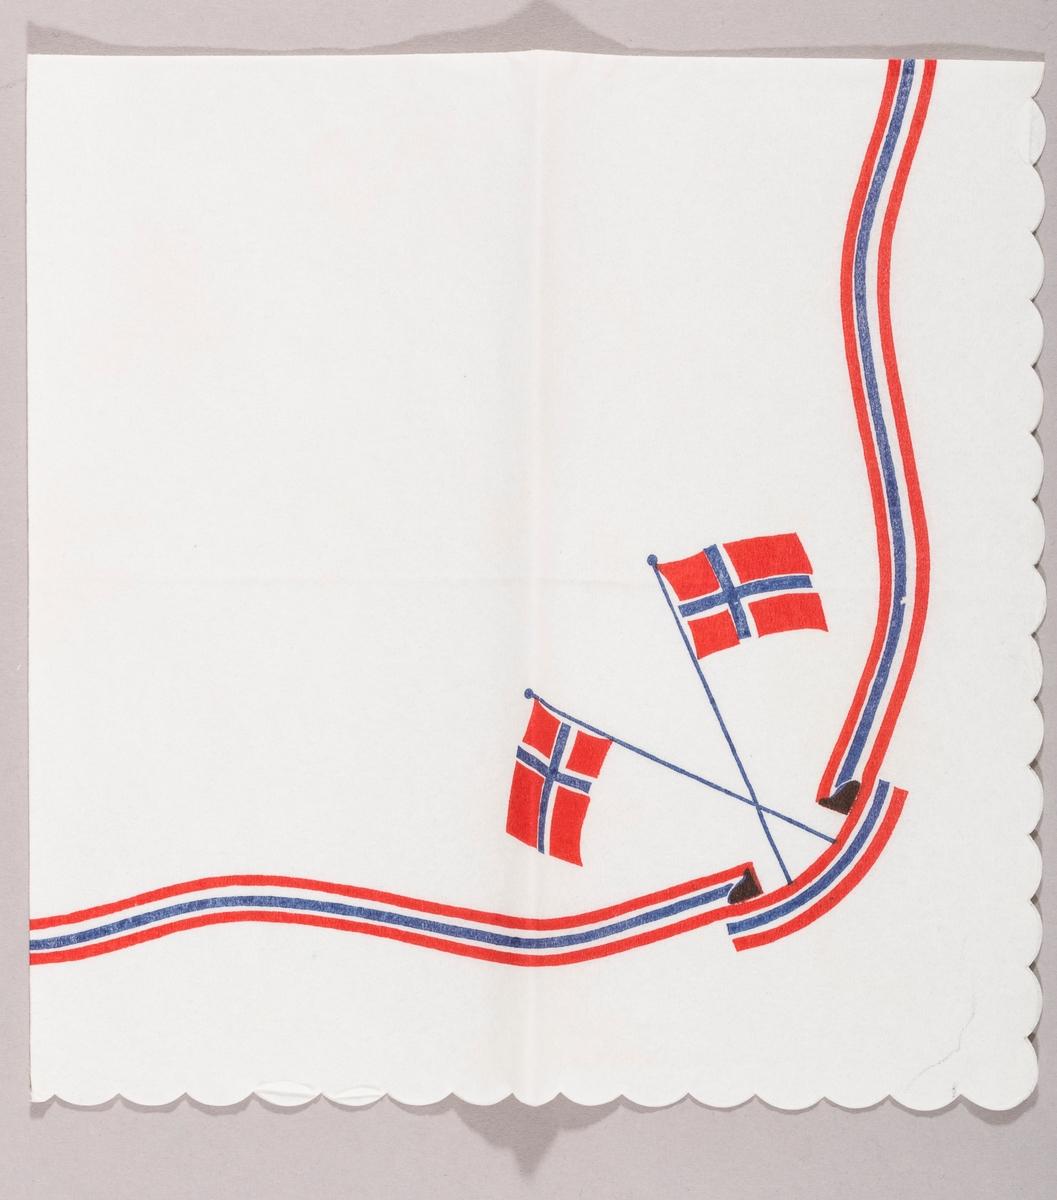 To norske flagg i kryss. Et bånd med knekk i rødt, hvitt og blått